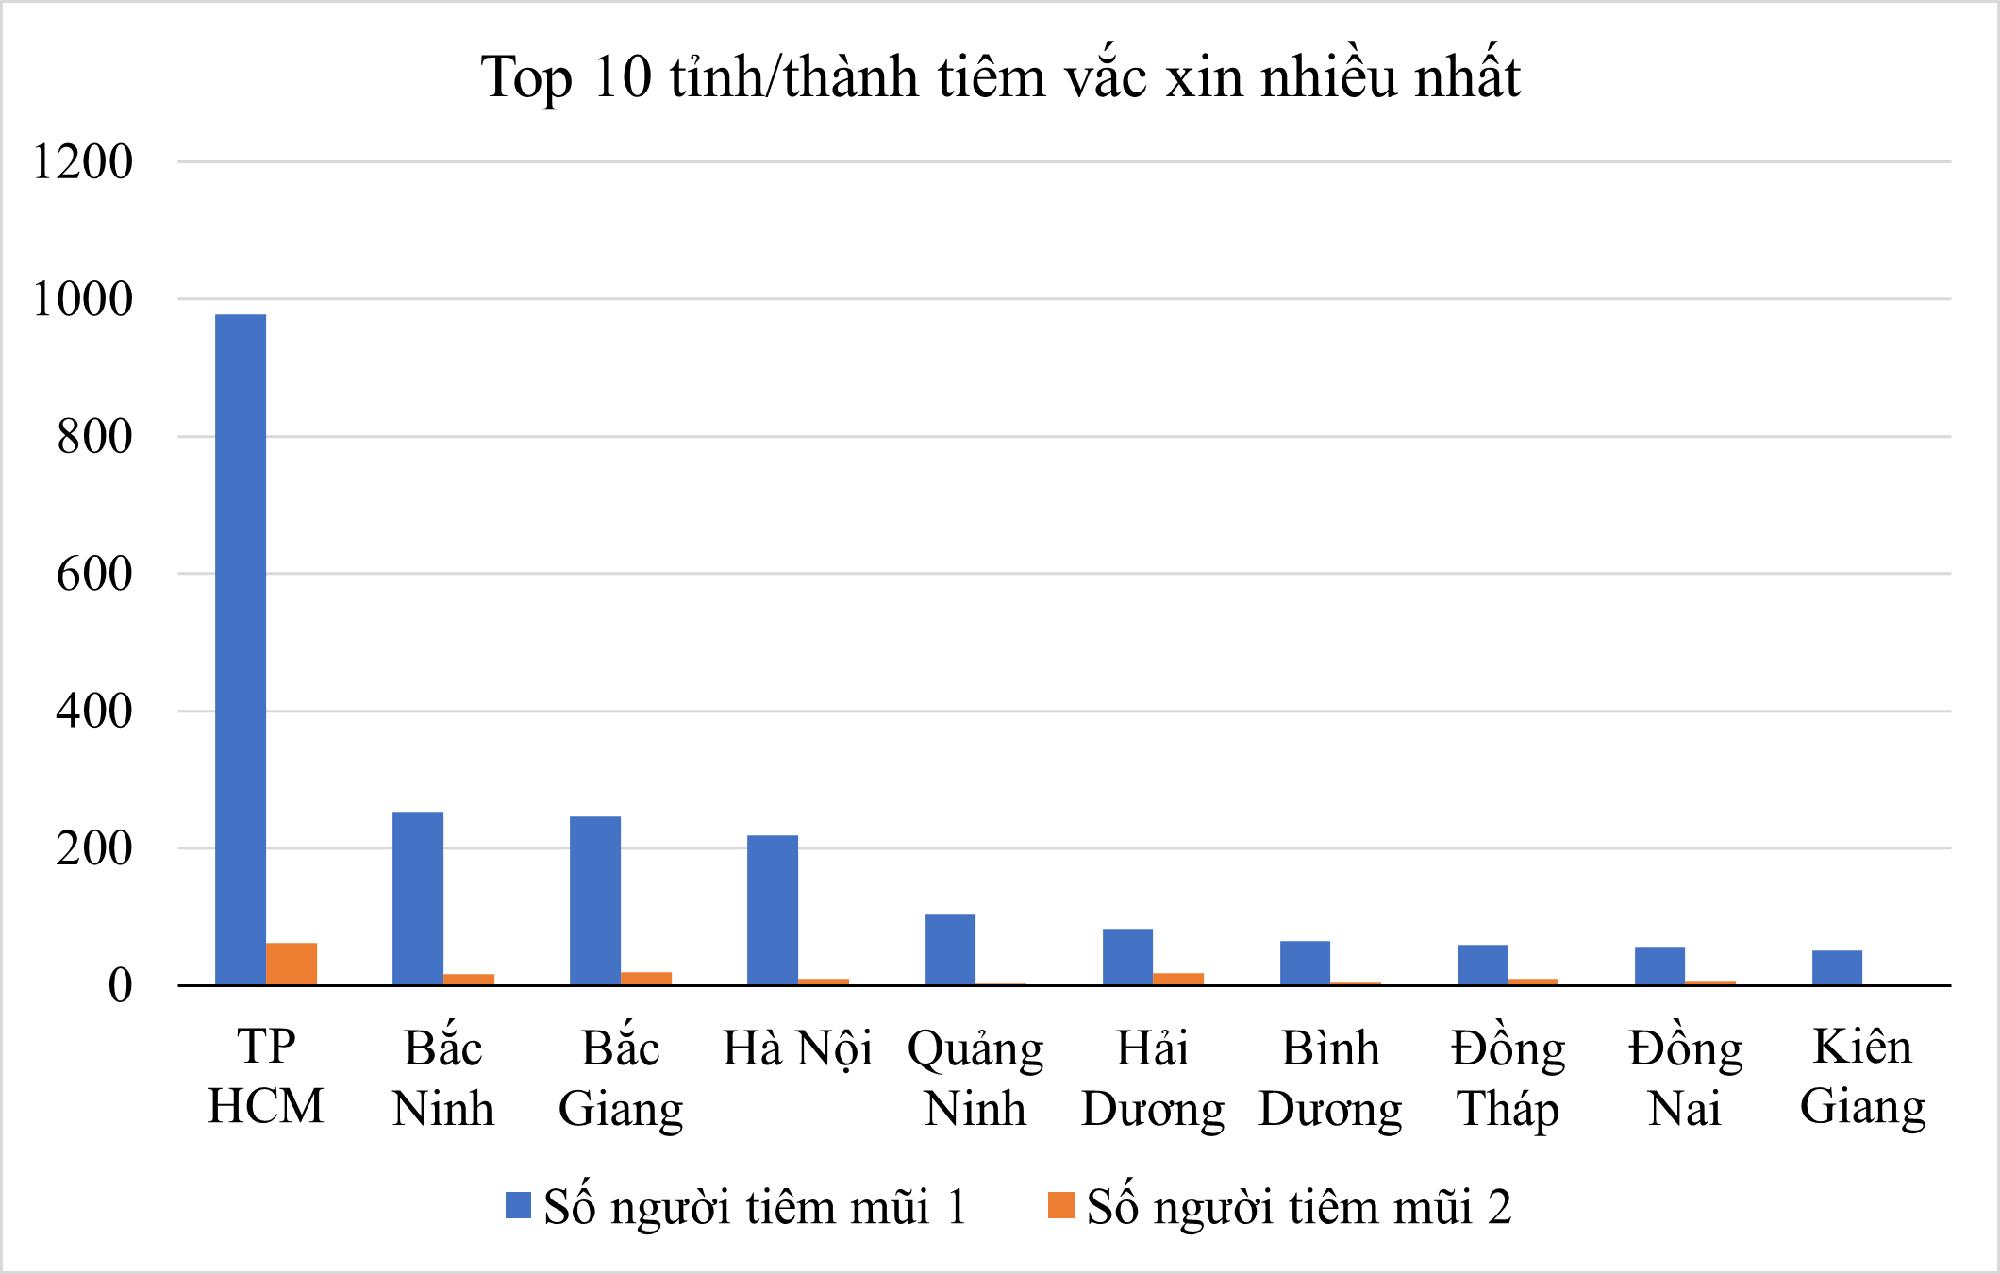 Top 10 tỉnh thành tiêm vắc xin nhiều nhất cả nước - Ảnh 1.